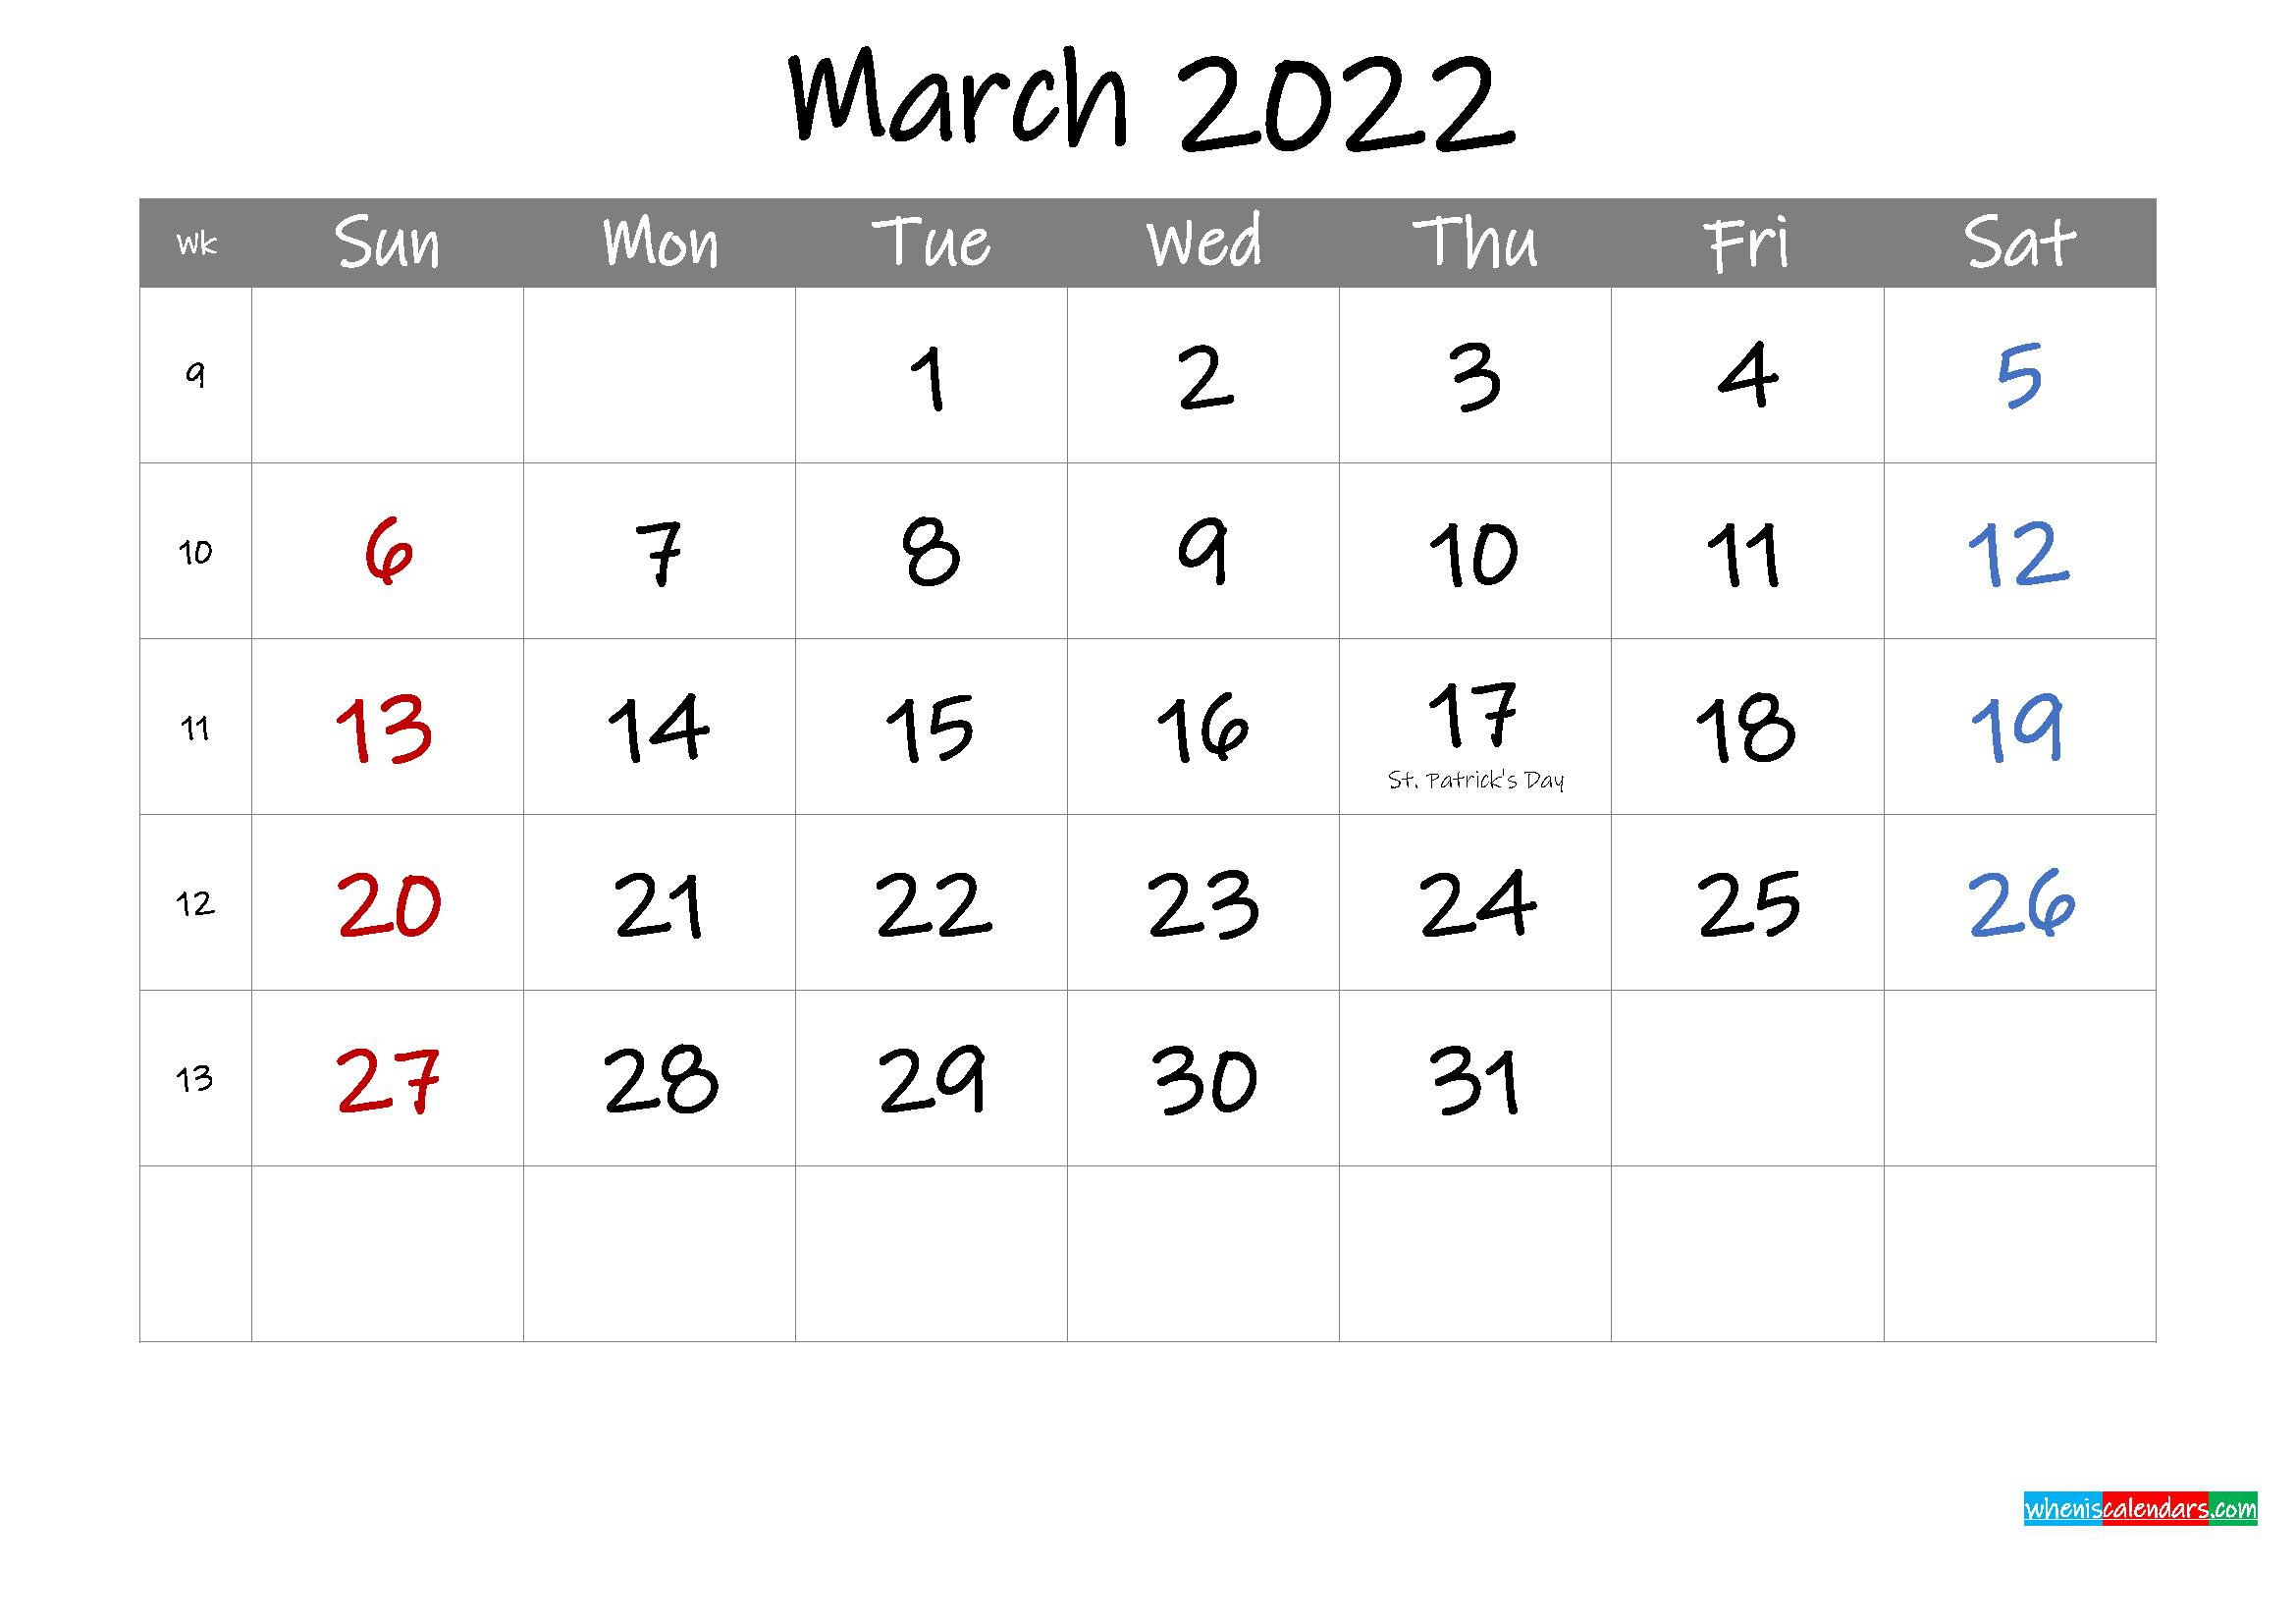 Editable March 2022 Calendar with Holidays